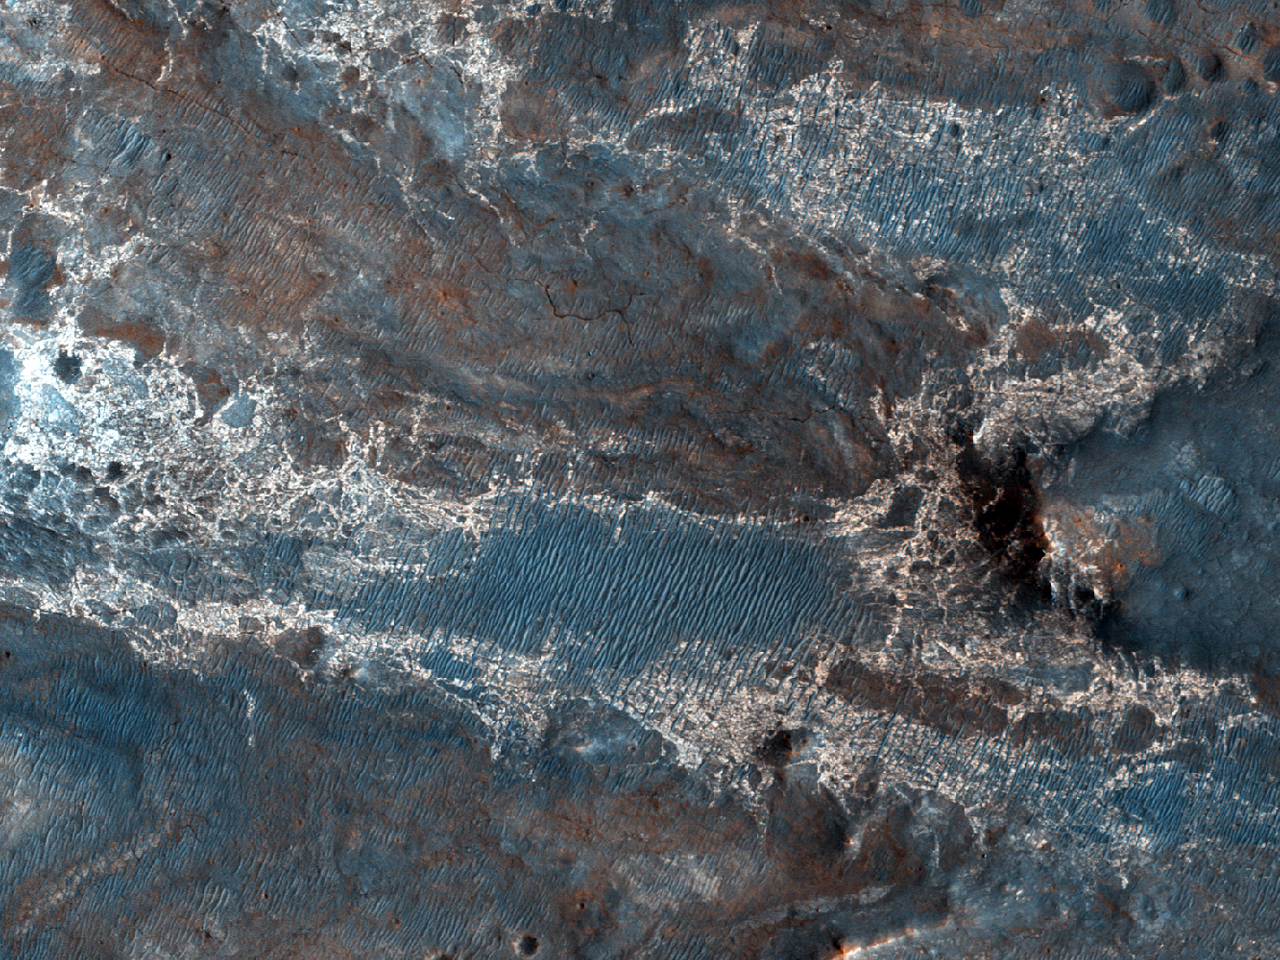 Steinete terreng nærNili Fossae